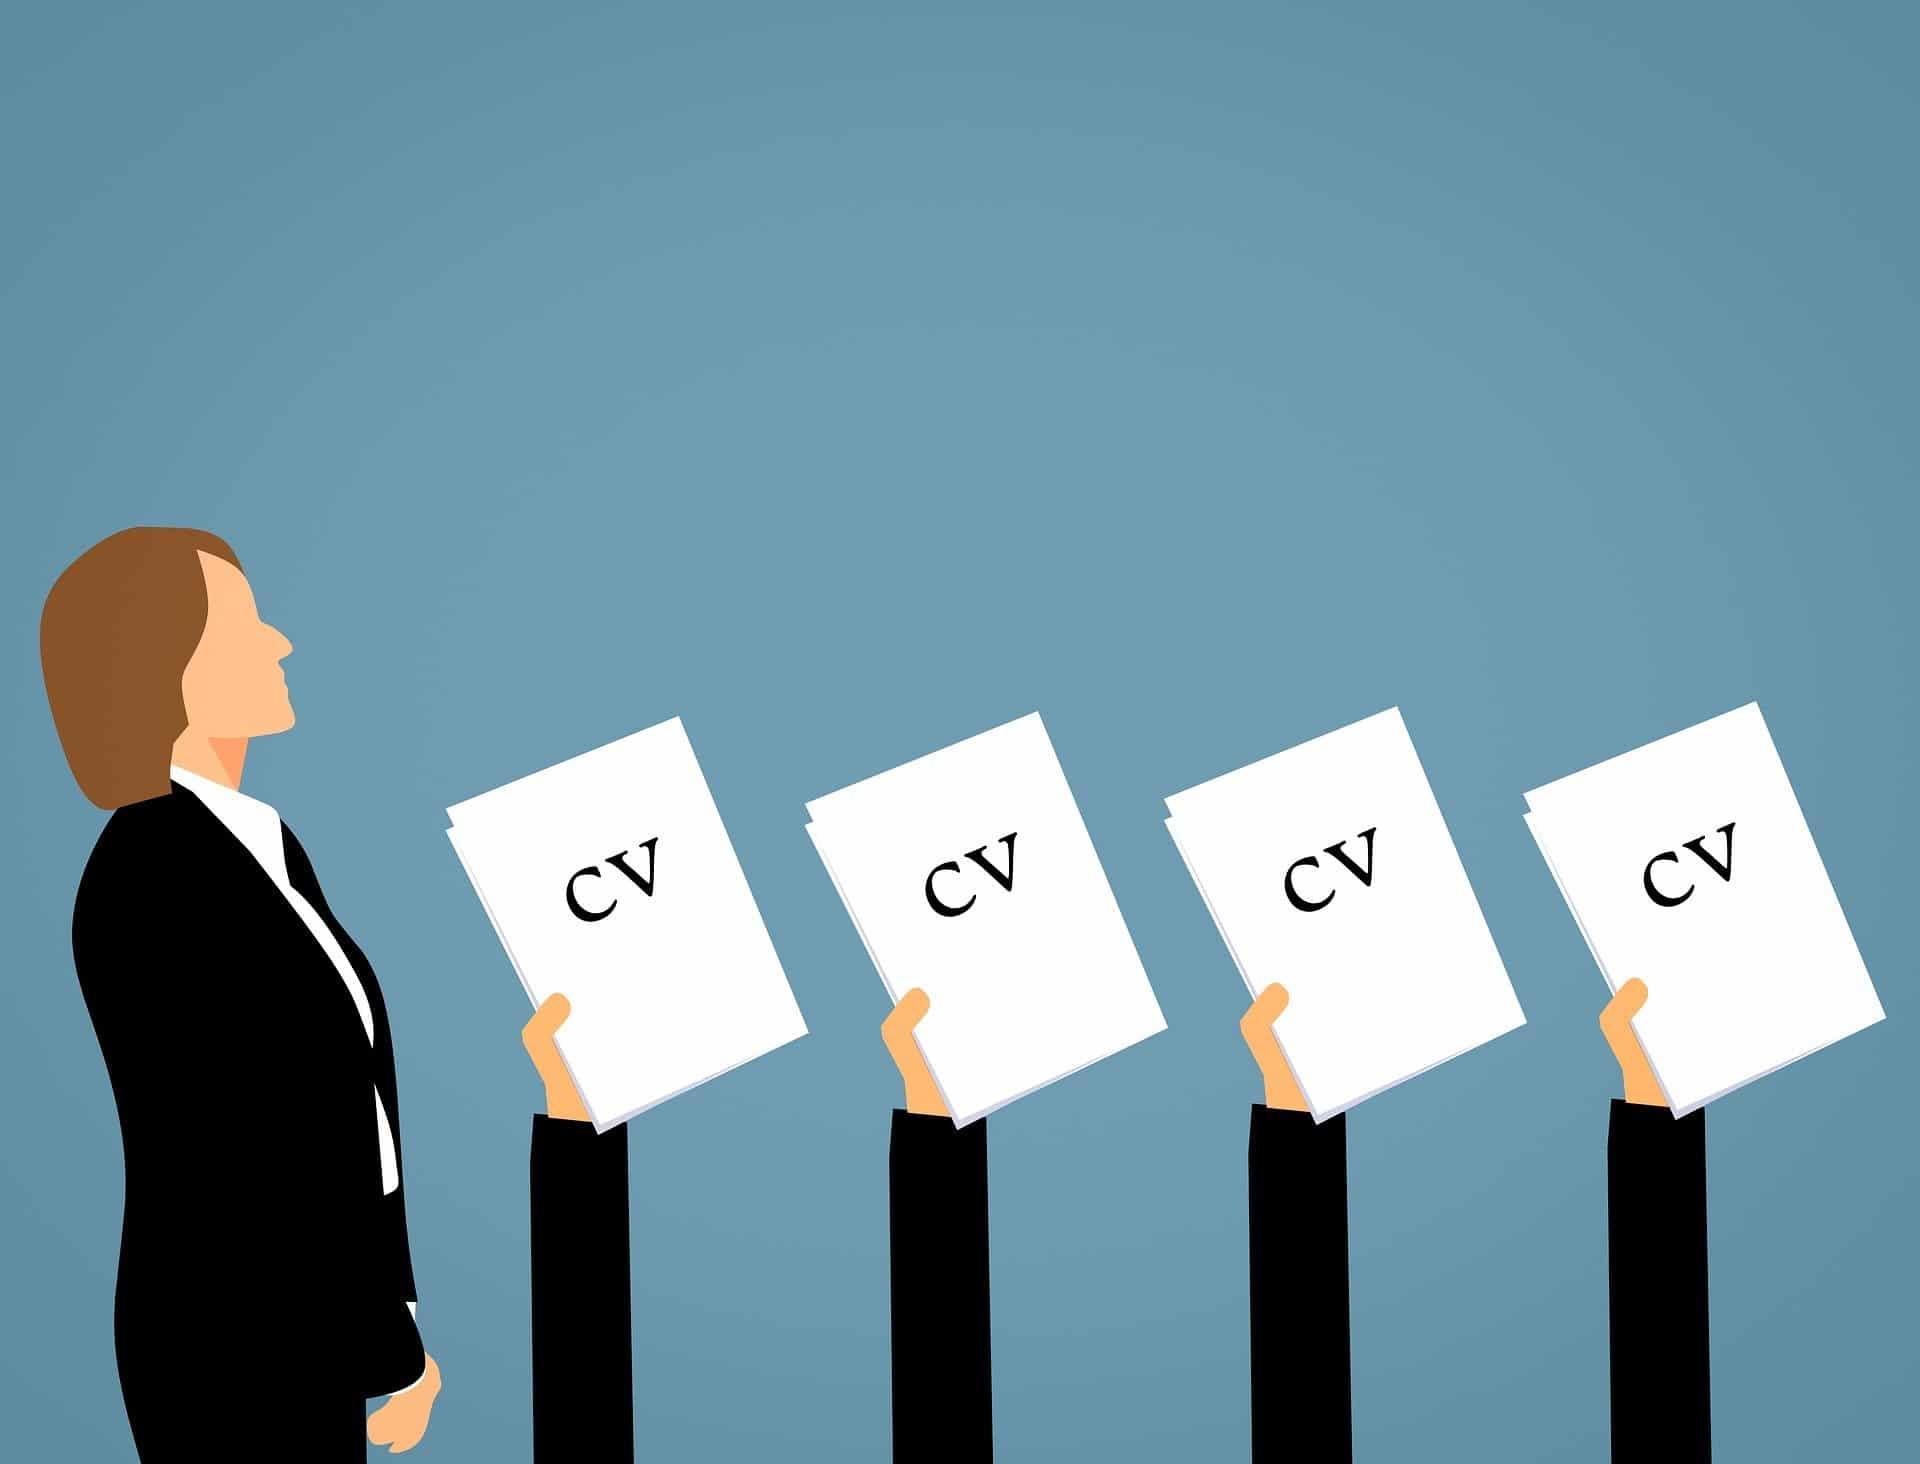 Chômage partiel : peut-on cumuler plusieurs emplois ?